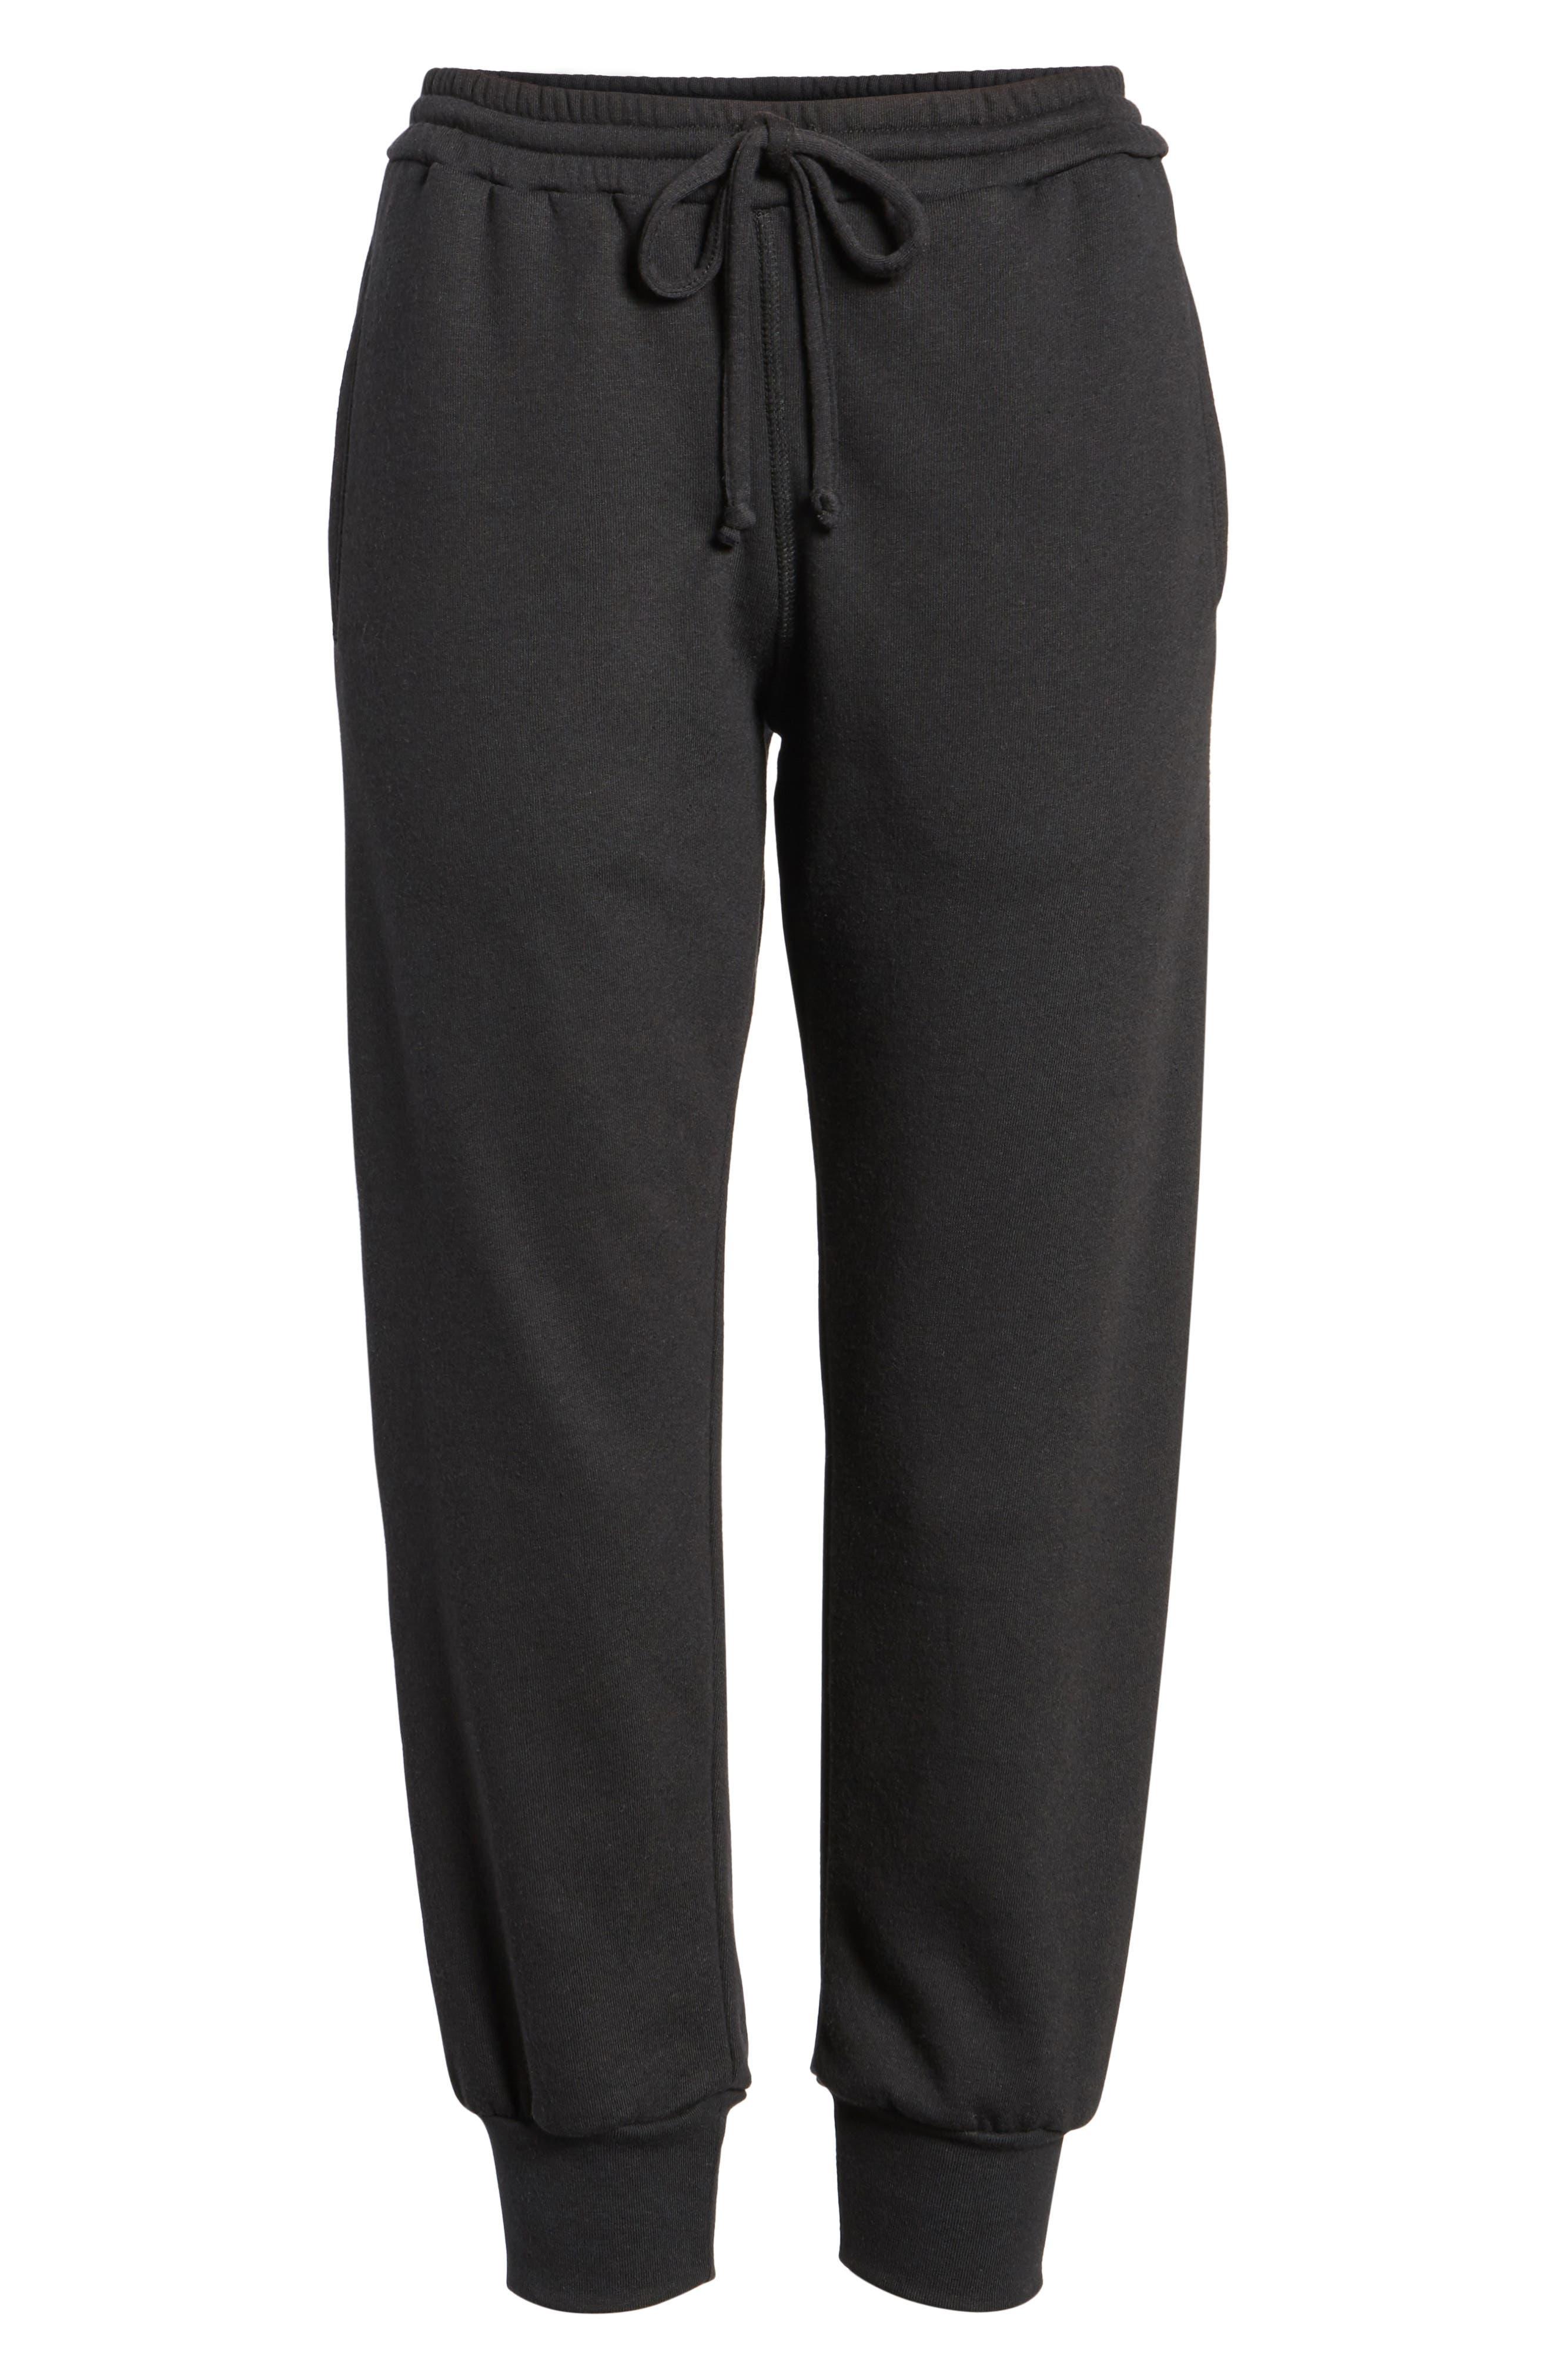 Gym & Tonic Crop Sweatpants,                             Alternate thumbnail 7, color,                             Black